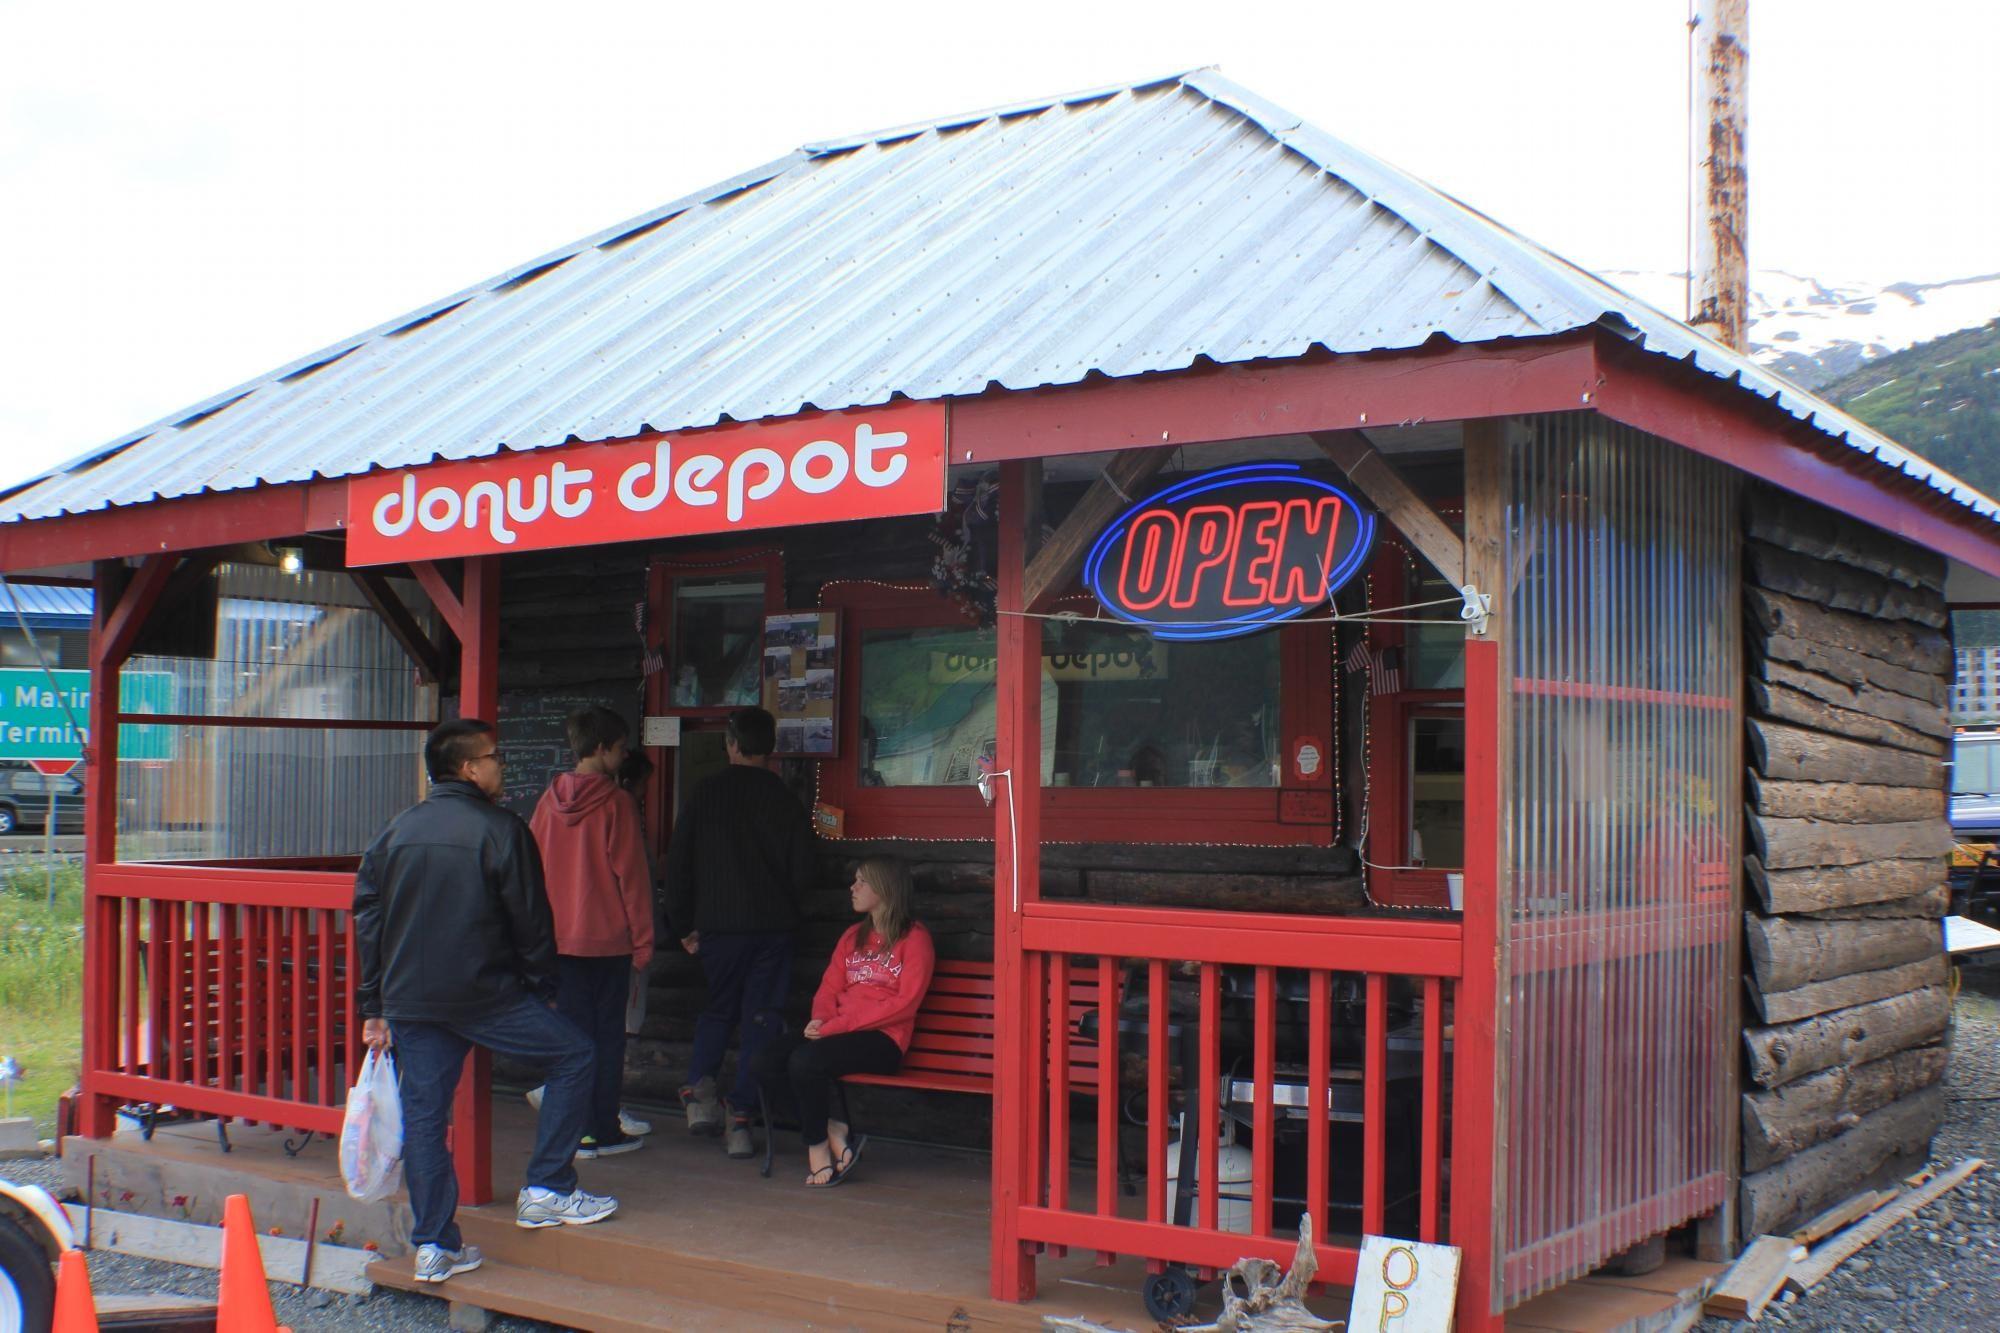 Donut Depot Whittier Restaurant Reviews Phone Number Photos Tripadvisor Trip Advisor Whittier Restaurant Review